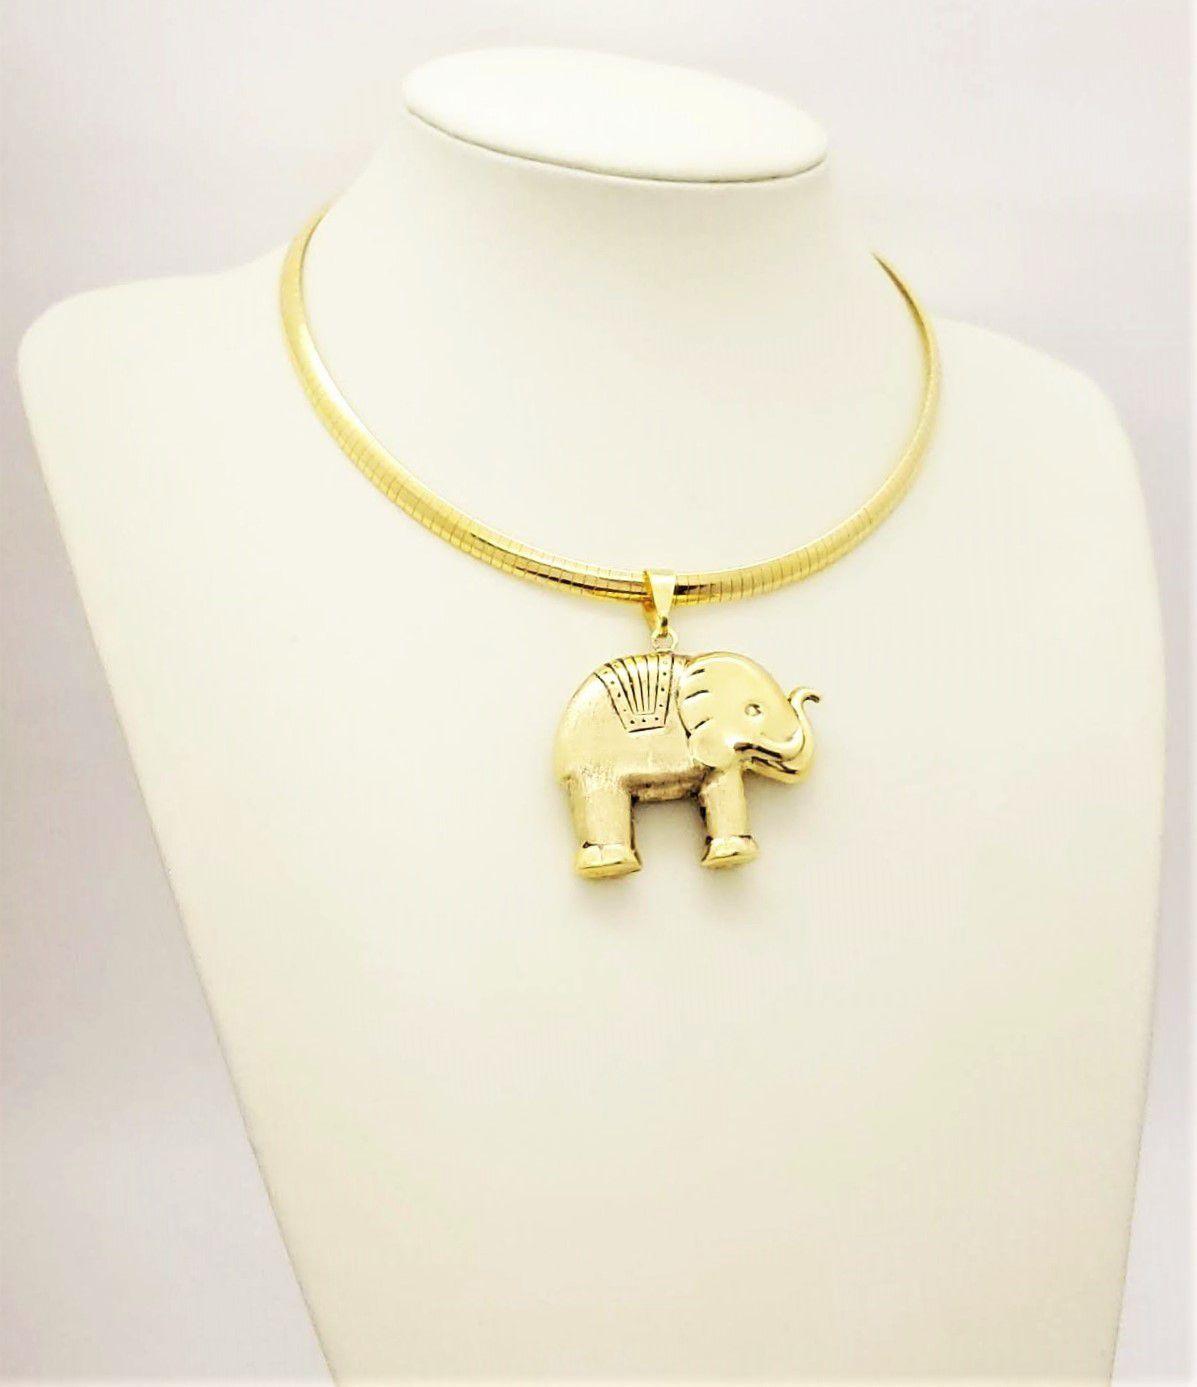 Cordão Com Pingente Elefante Dupla Face Banho Ouro 18k 4201